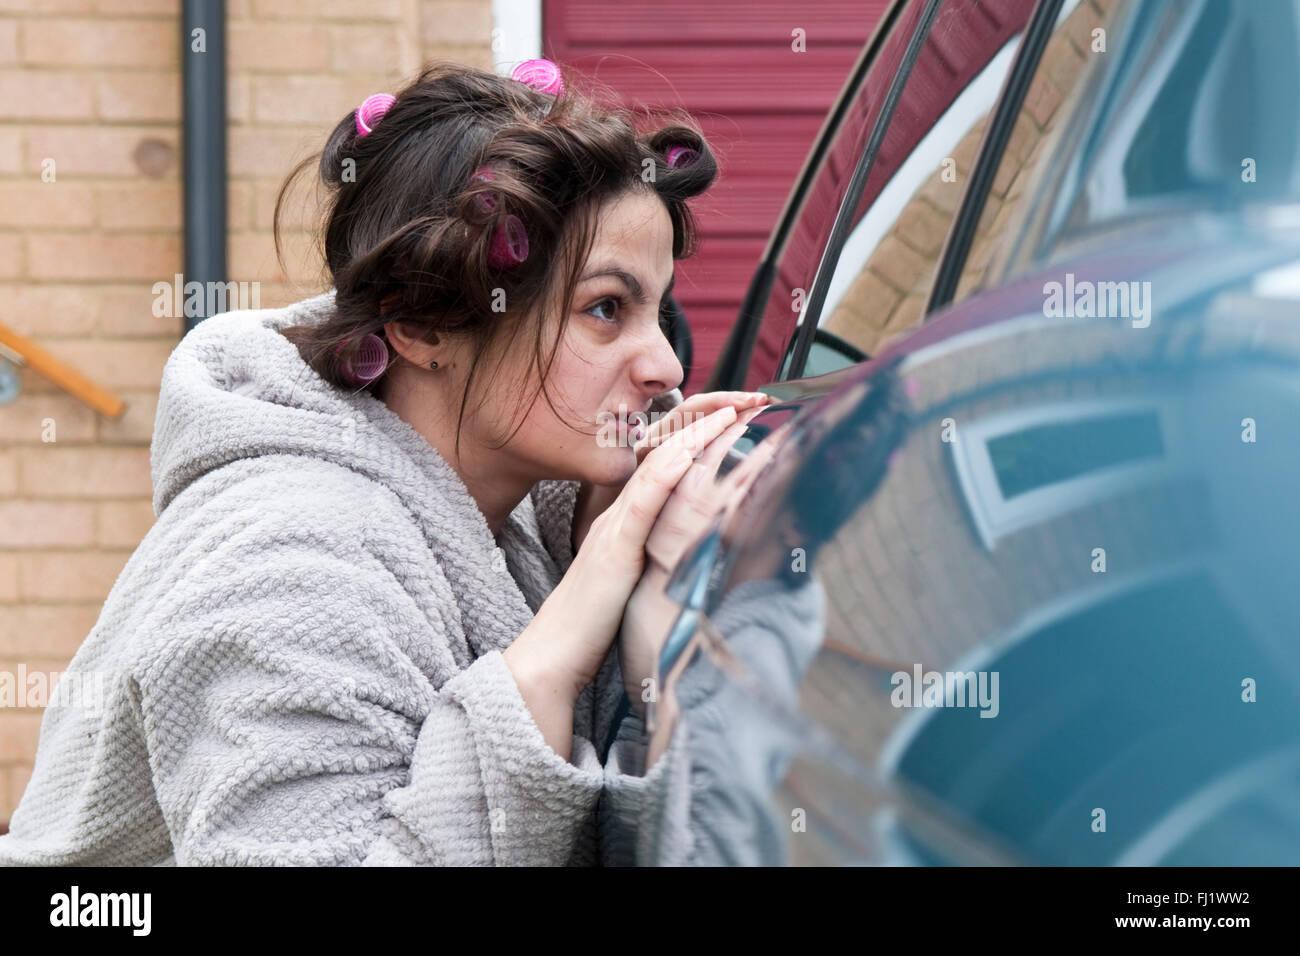 Femme en robe de chambre et les bigoudis en regardant par la fenêtre d'une voiture Photo Stock